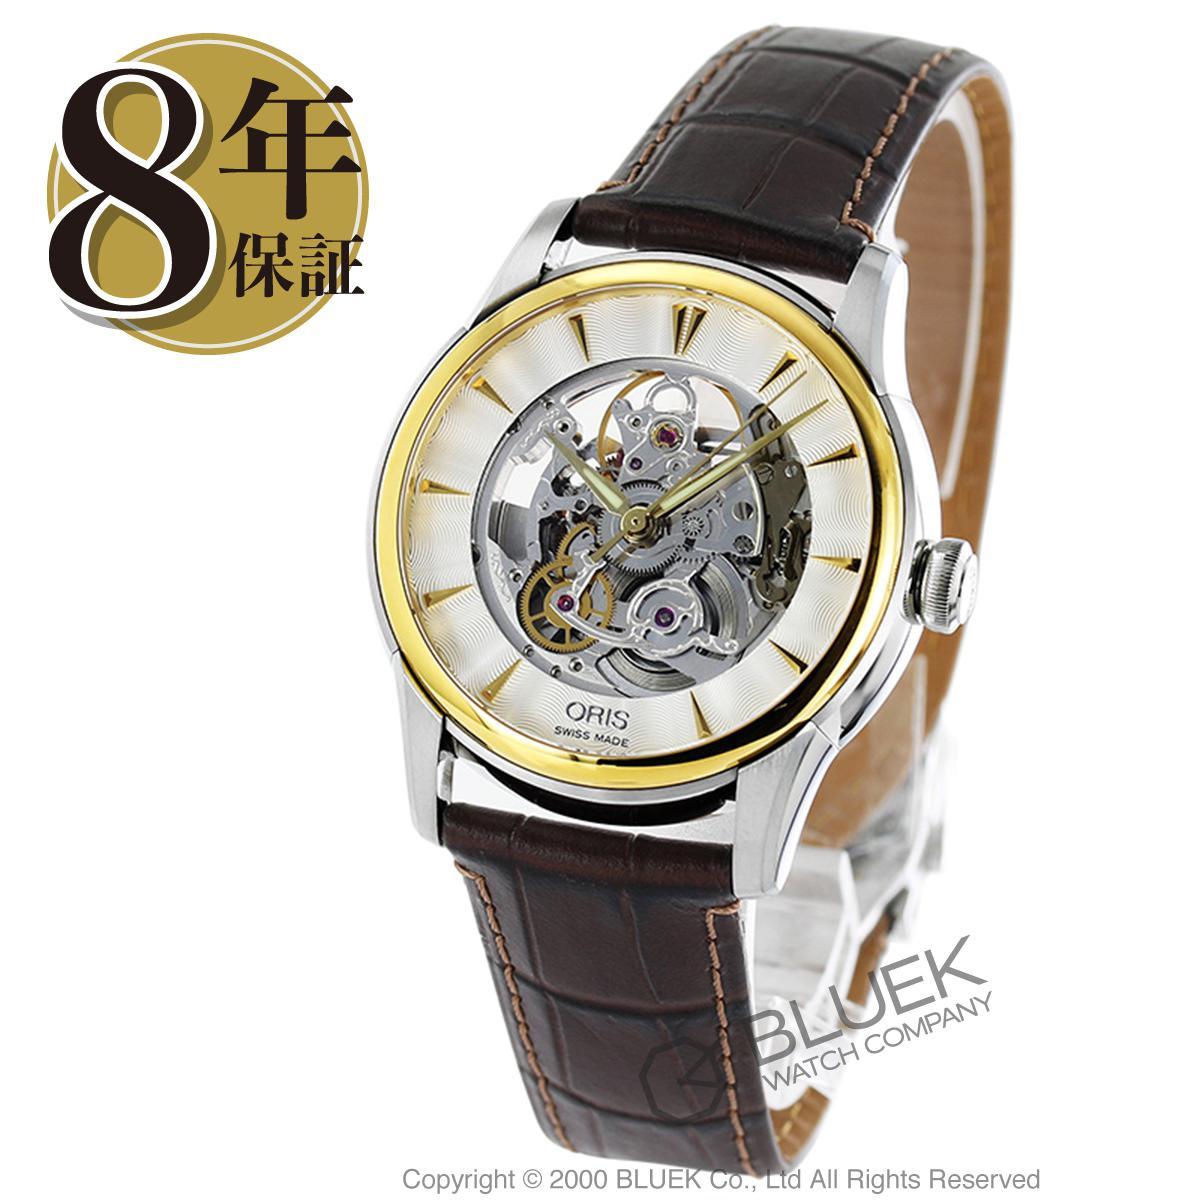 【3,000円OFFクーポン対象】オリス アートリエ スケルトン 腕時計 メンズ ORIS 734 7670 4351D_8